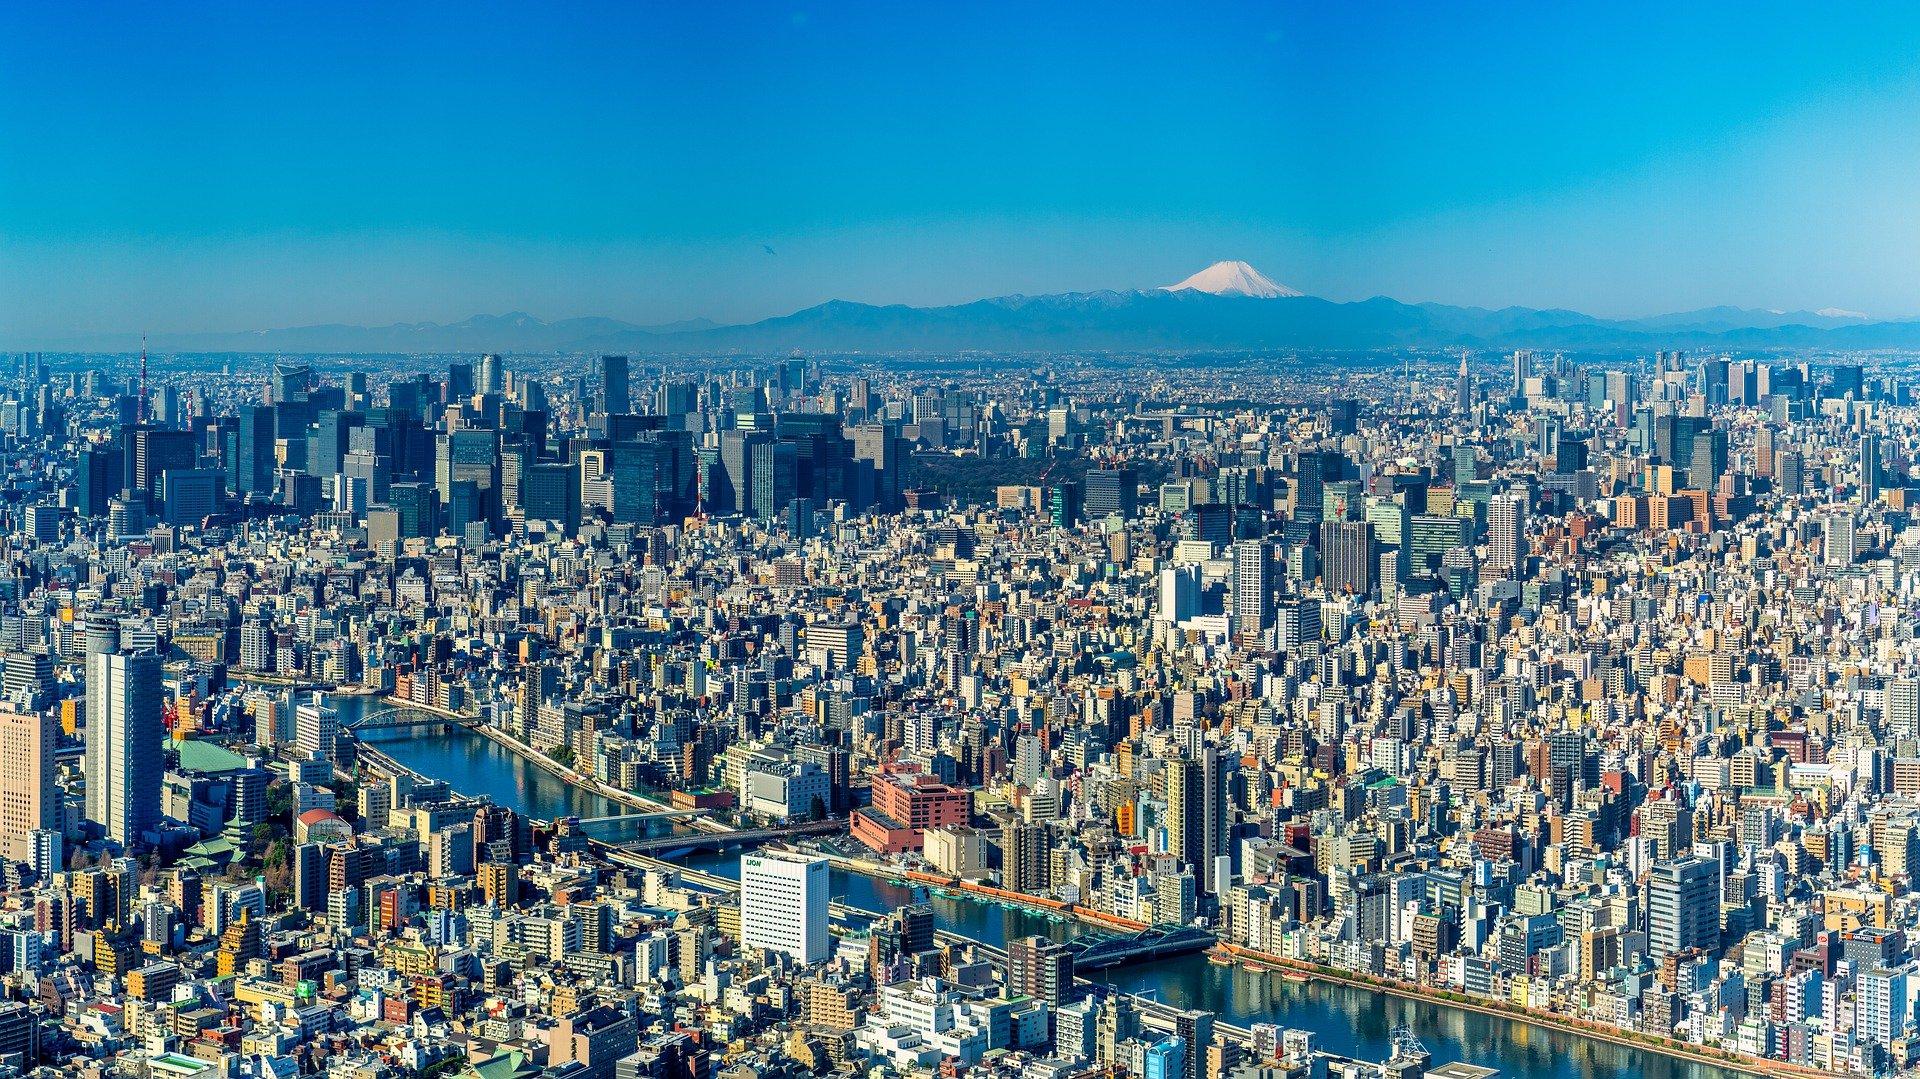 世界から見た東京とは?世界住みやすい都市ランキング第1位!